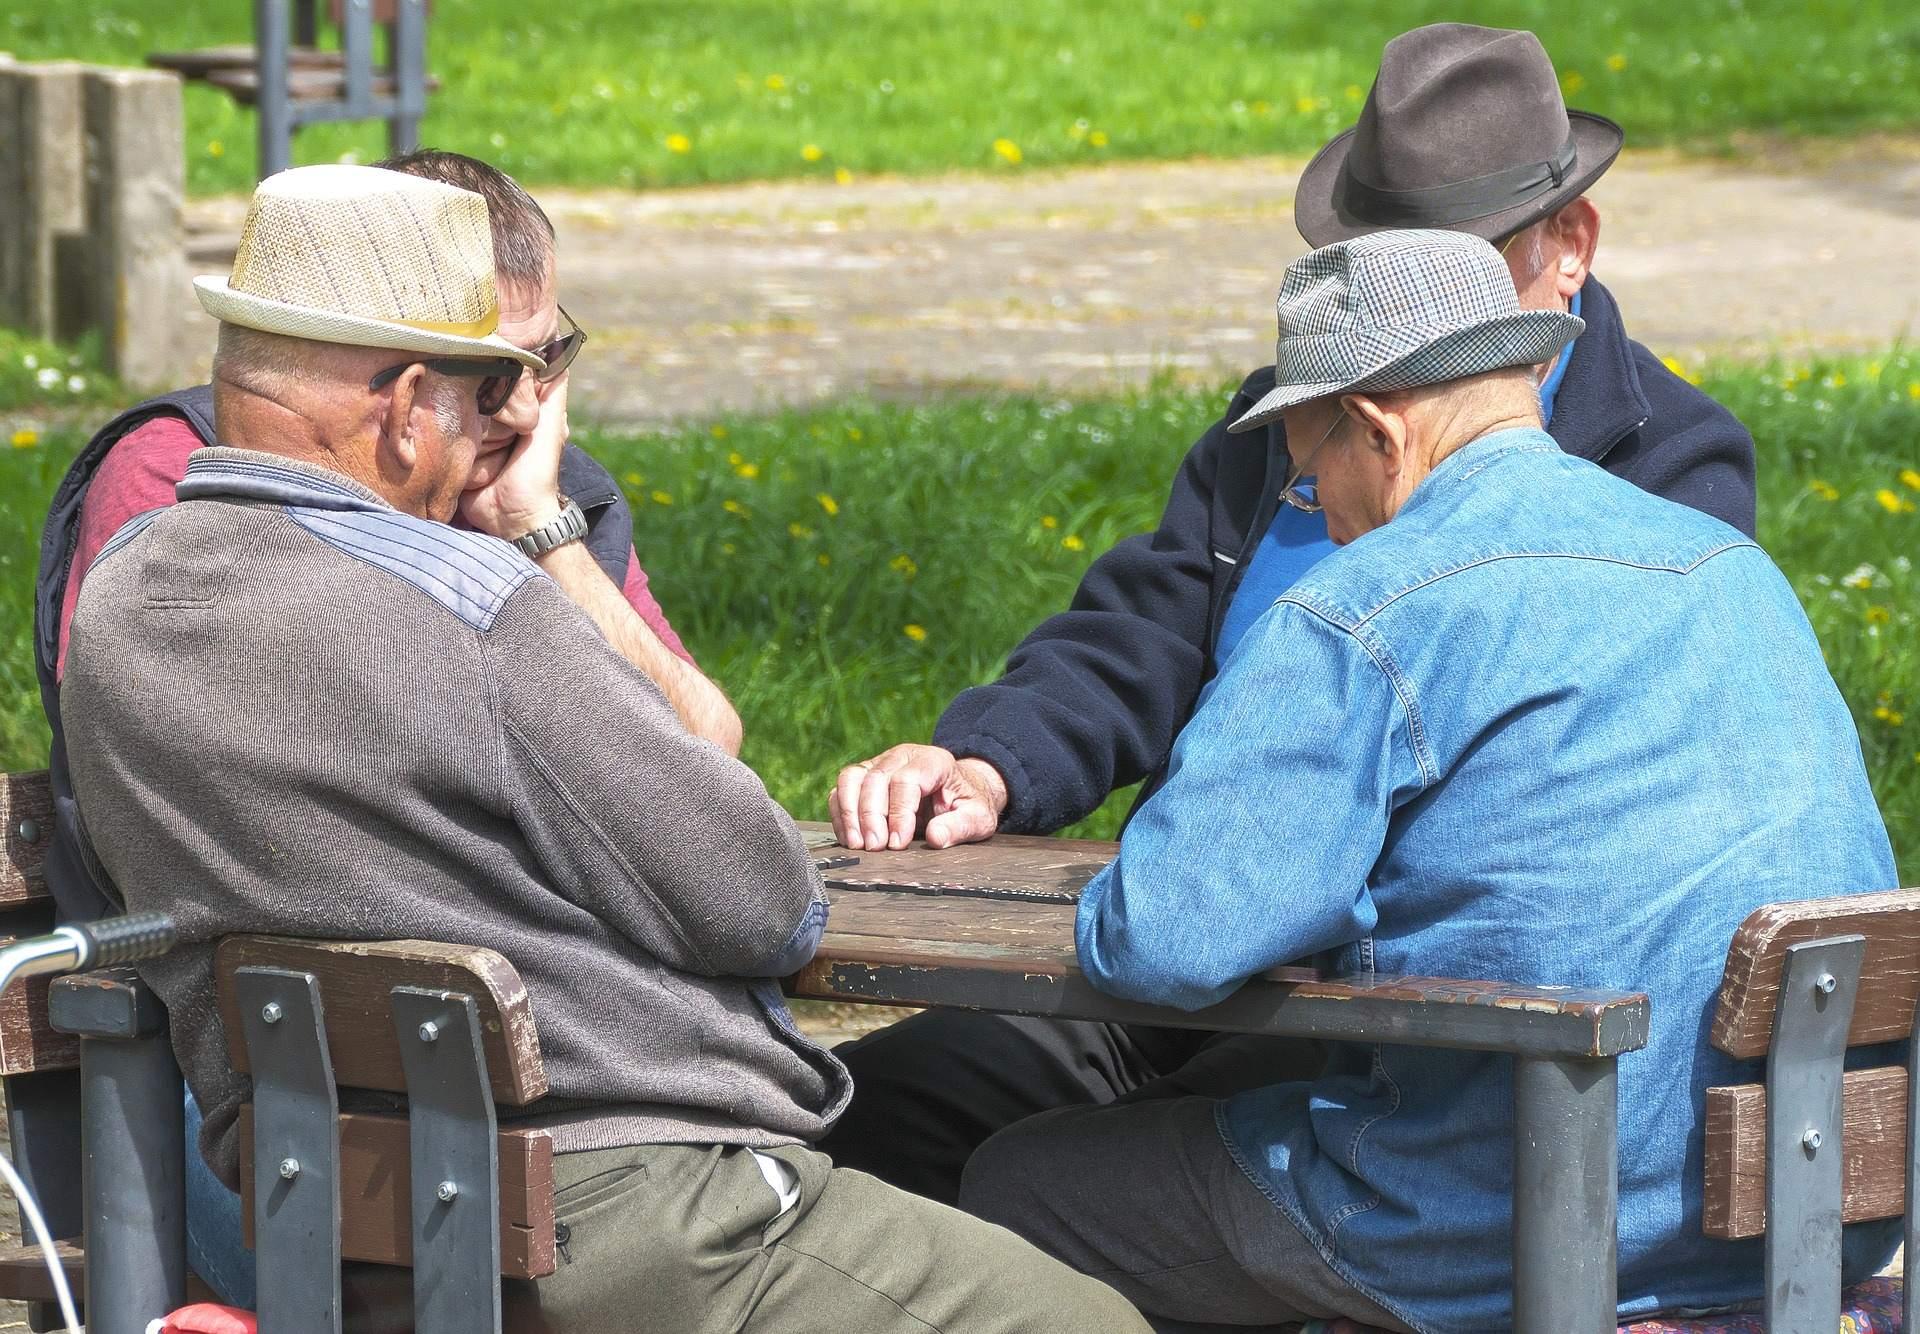 Rentner Beispielfoto - alles im Lot bei der Rentenversicherung?